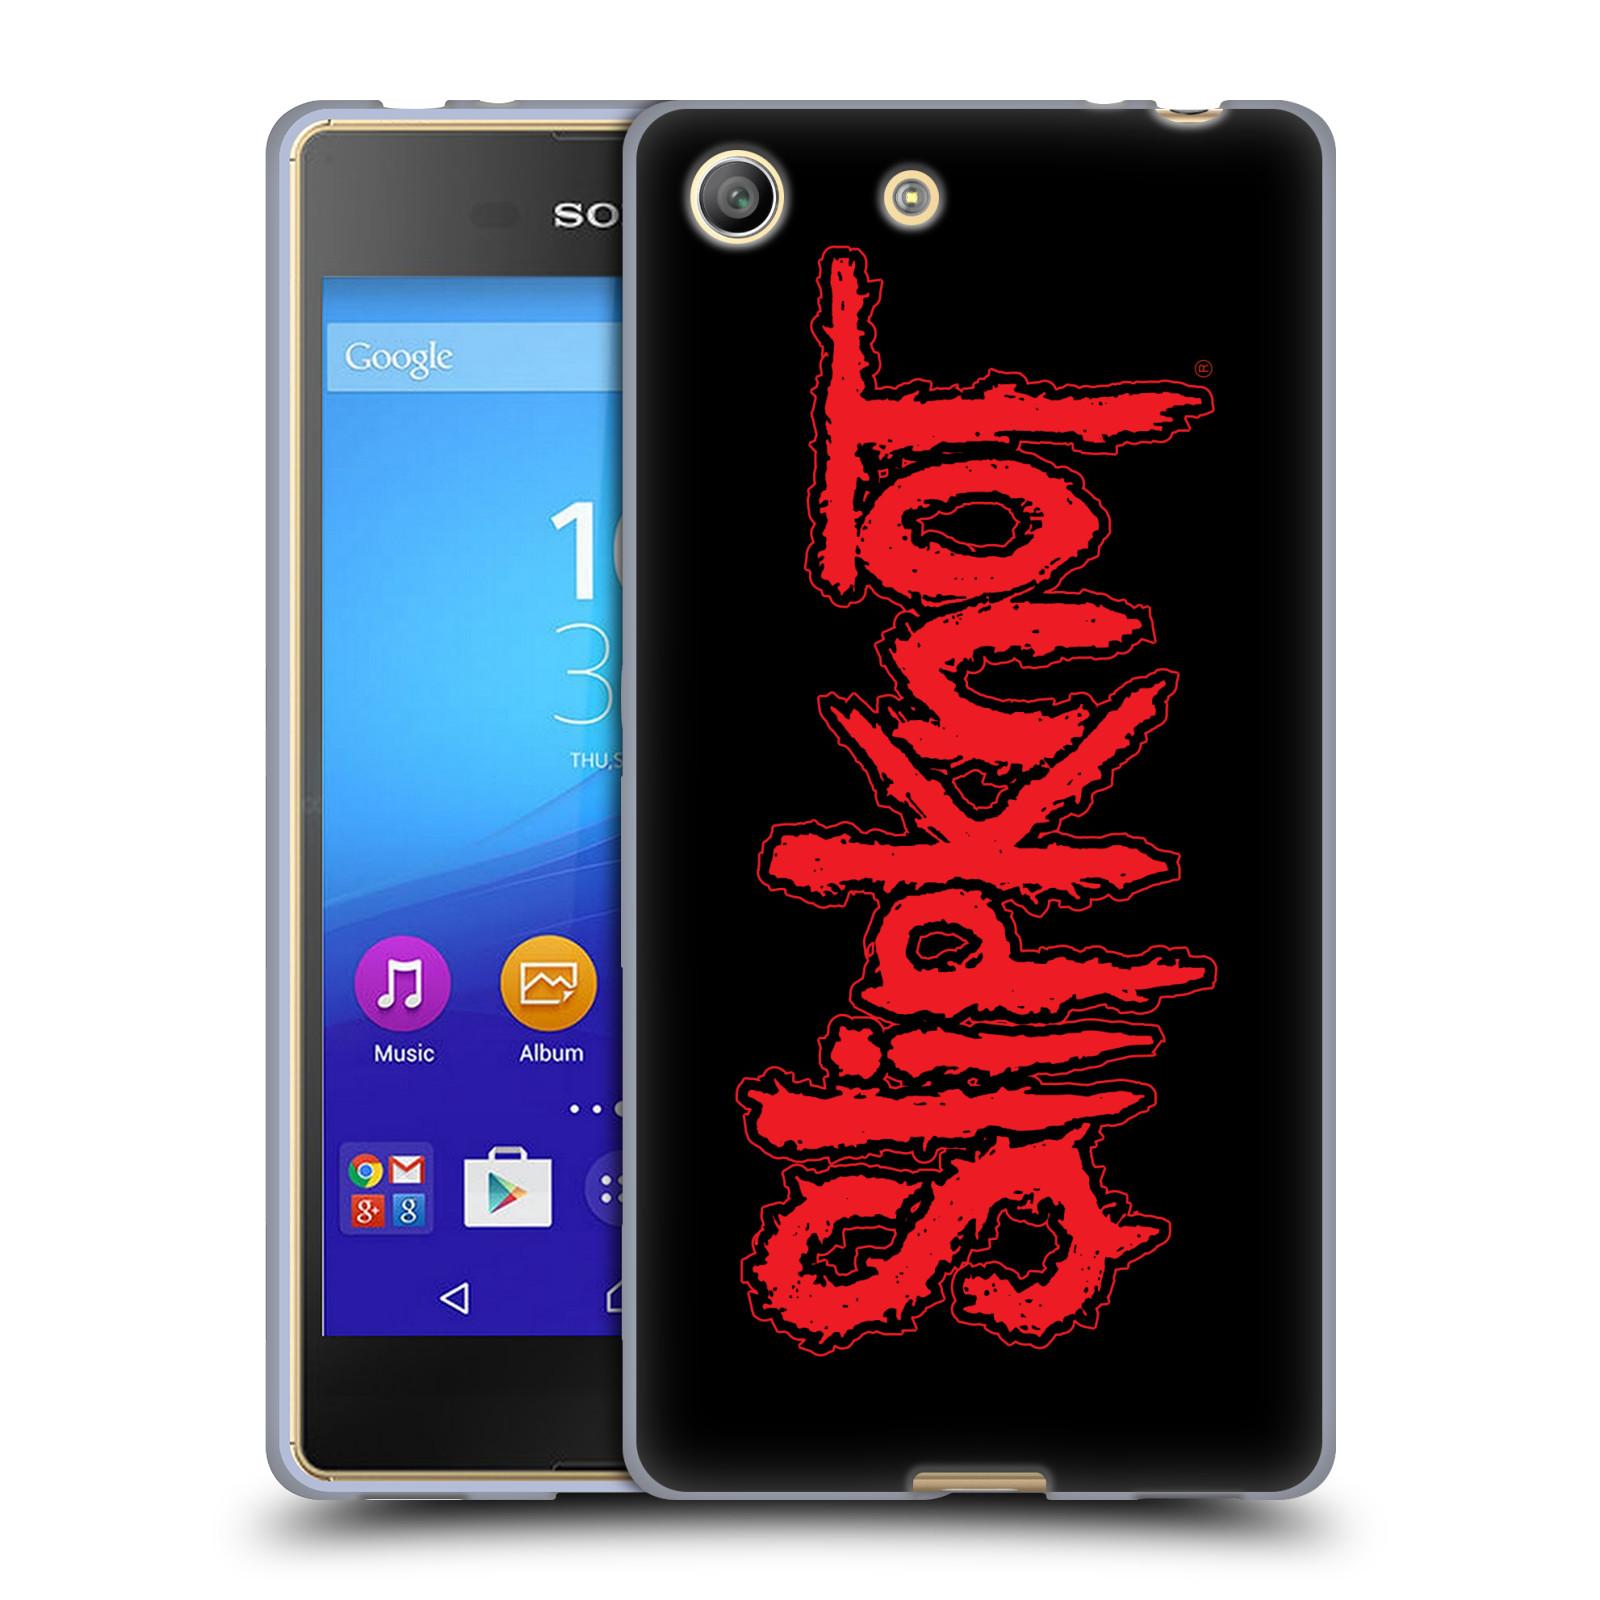 Silikonové pouzdro na mobil Sony Xperia M5 HEAD CASE Slipknot - Logo (Silikonový kryt či obal na mobilní telefon licencovaným motivem Slipknot pro Sony Xperia M5 Dual SIM / Aqua)